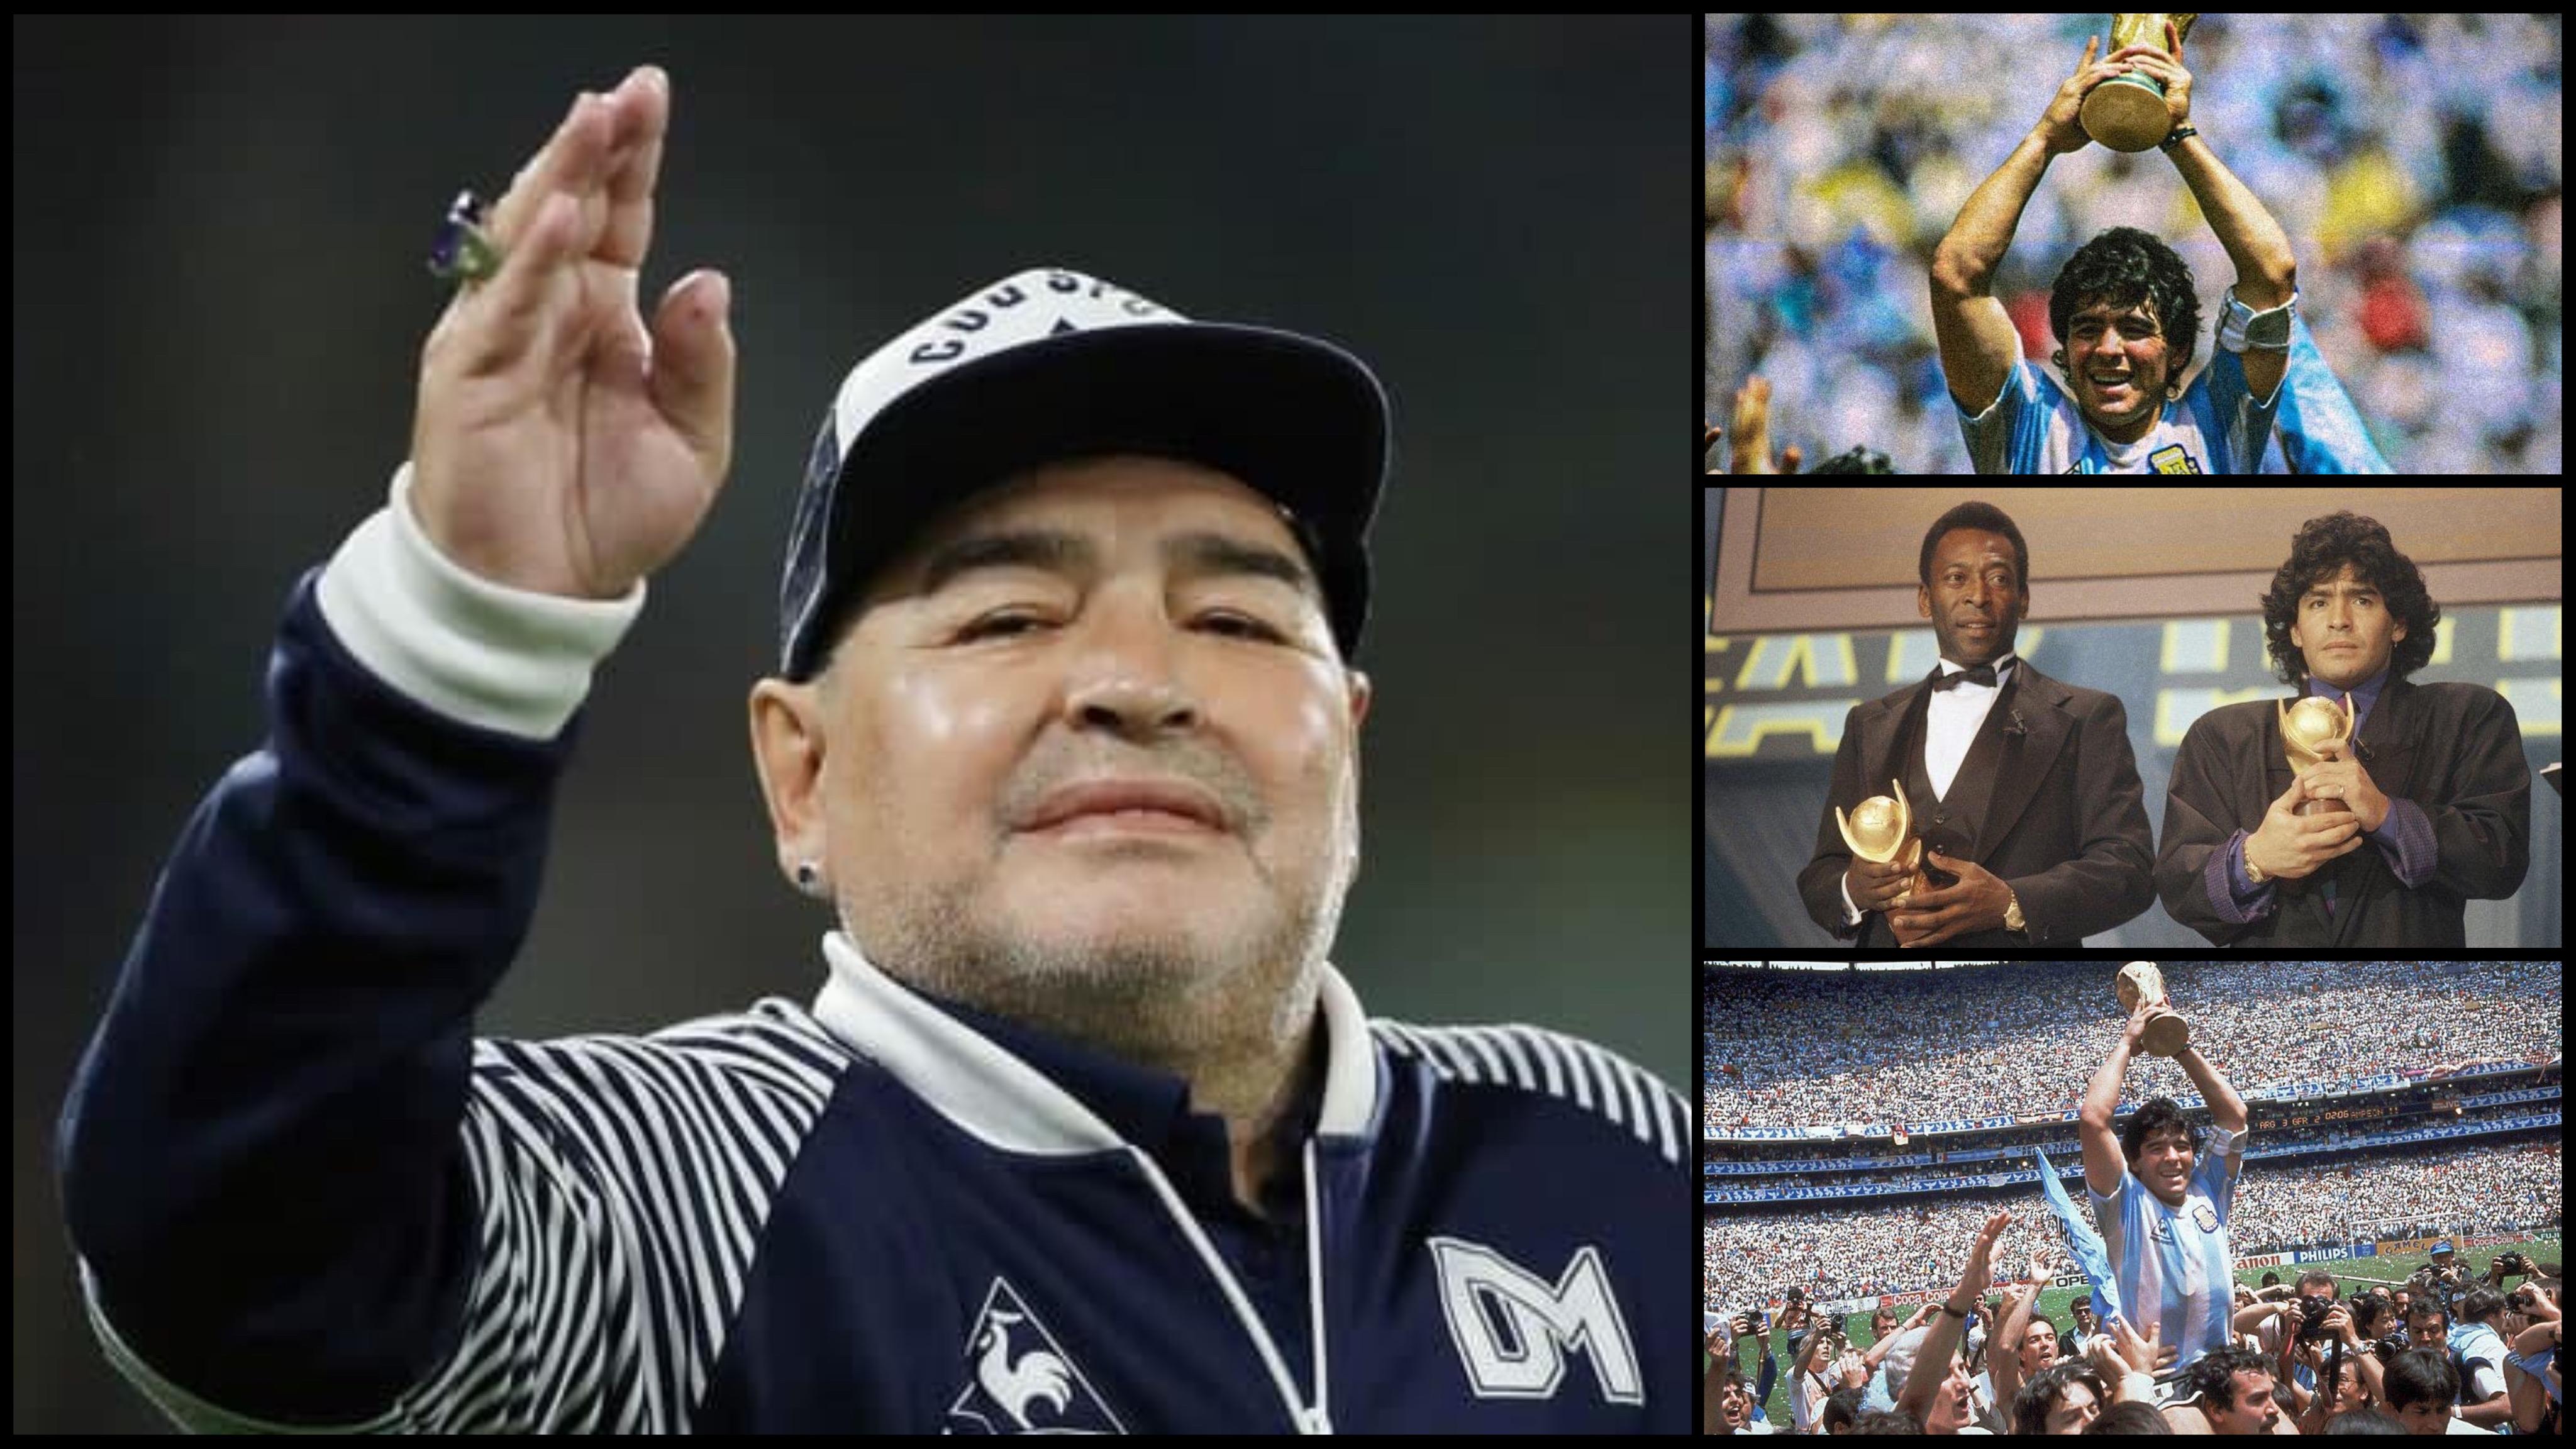 អតីតស្តេចបាល់ទាត់ដ៏ឆ្នើមរបស់អាហ្សង់ទីនលោក Maradona ទទួលមរណភាព